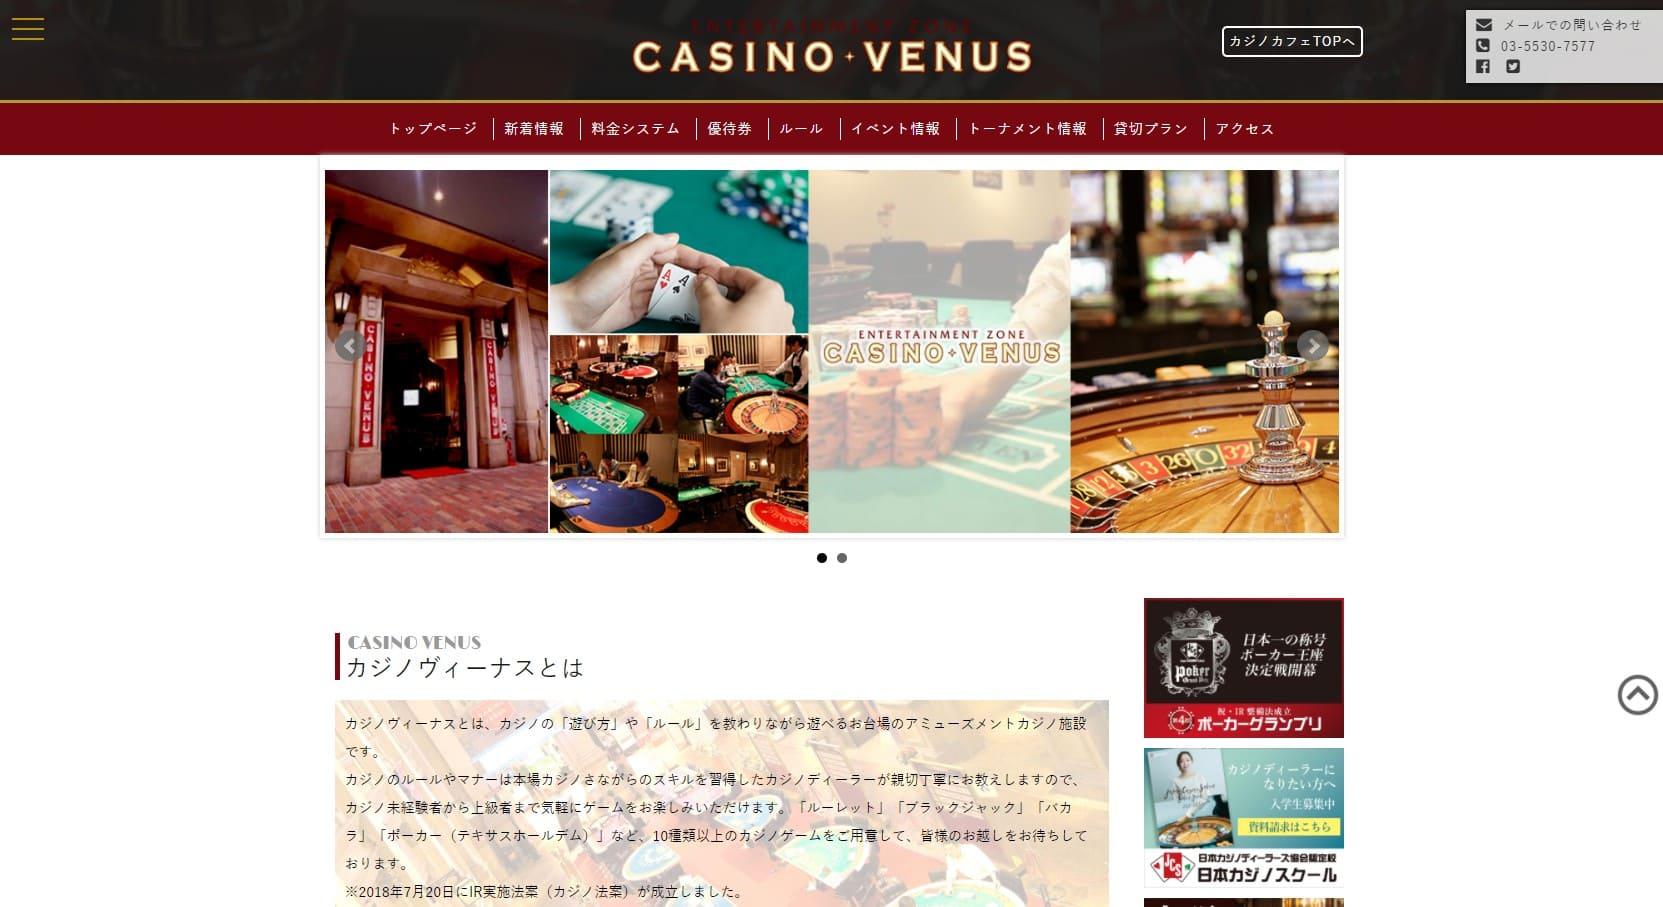 CASINO VENUSウェブサイト画像。